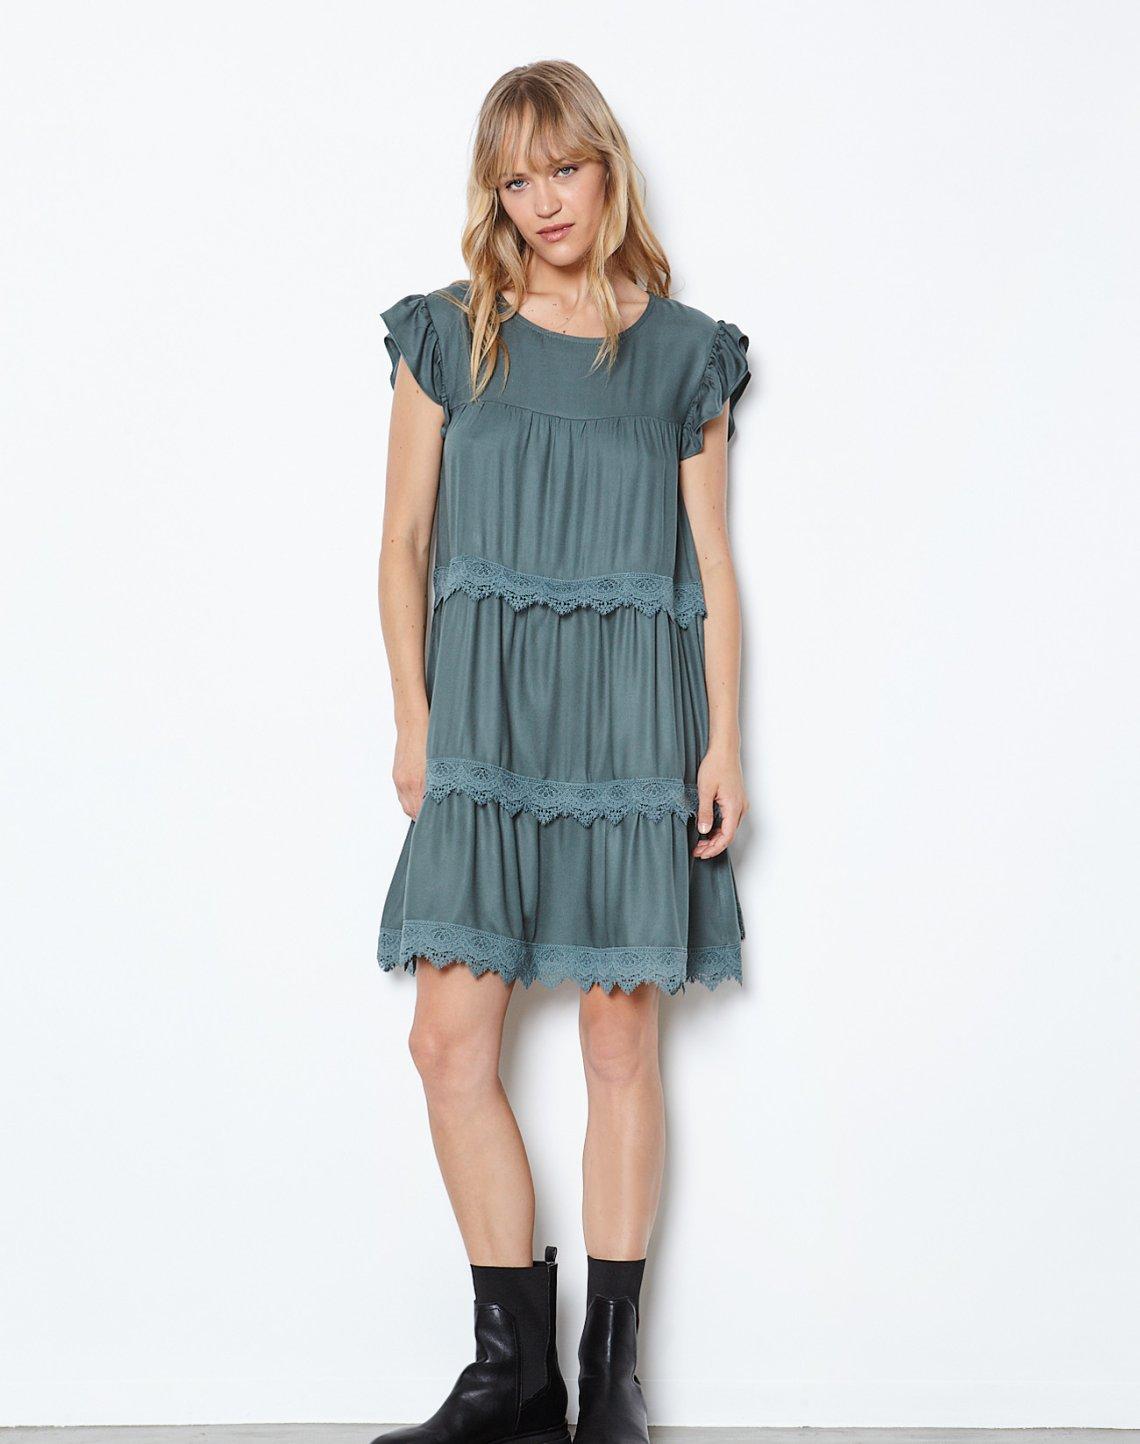 Μίνι φόρεμα με δαντέλα